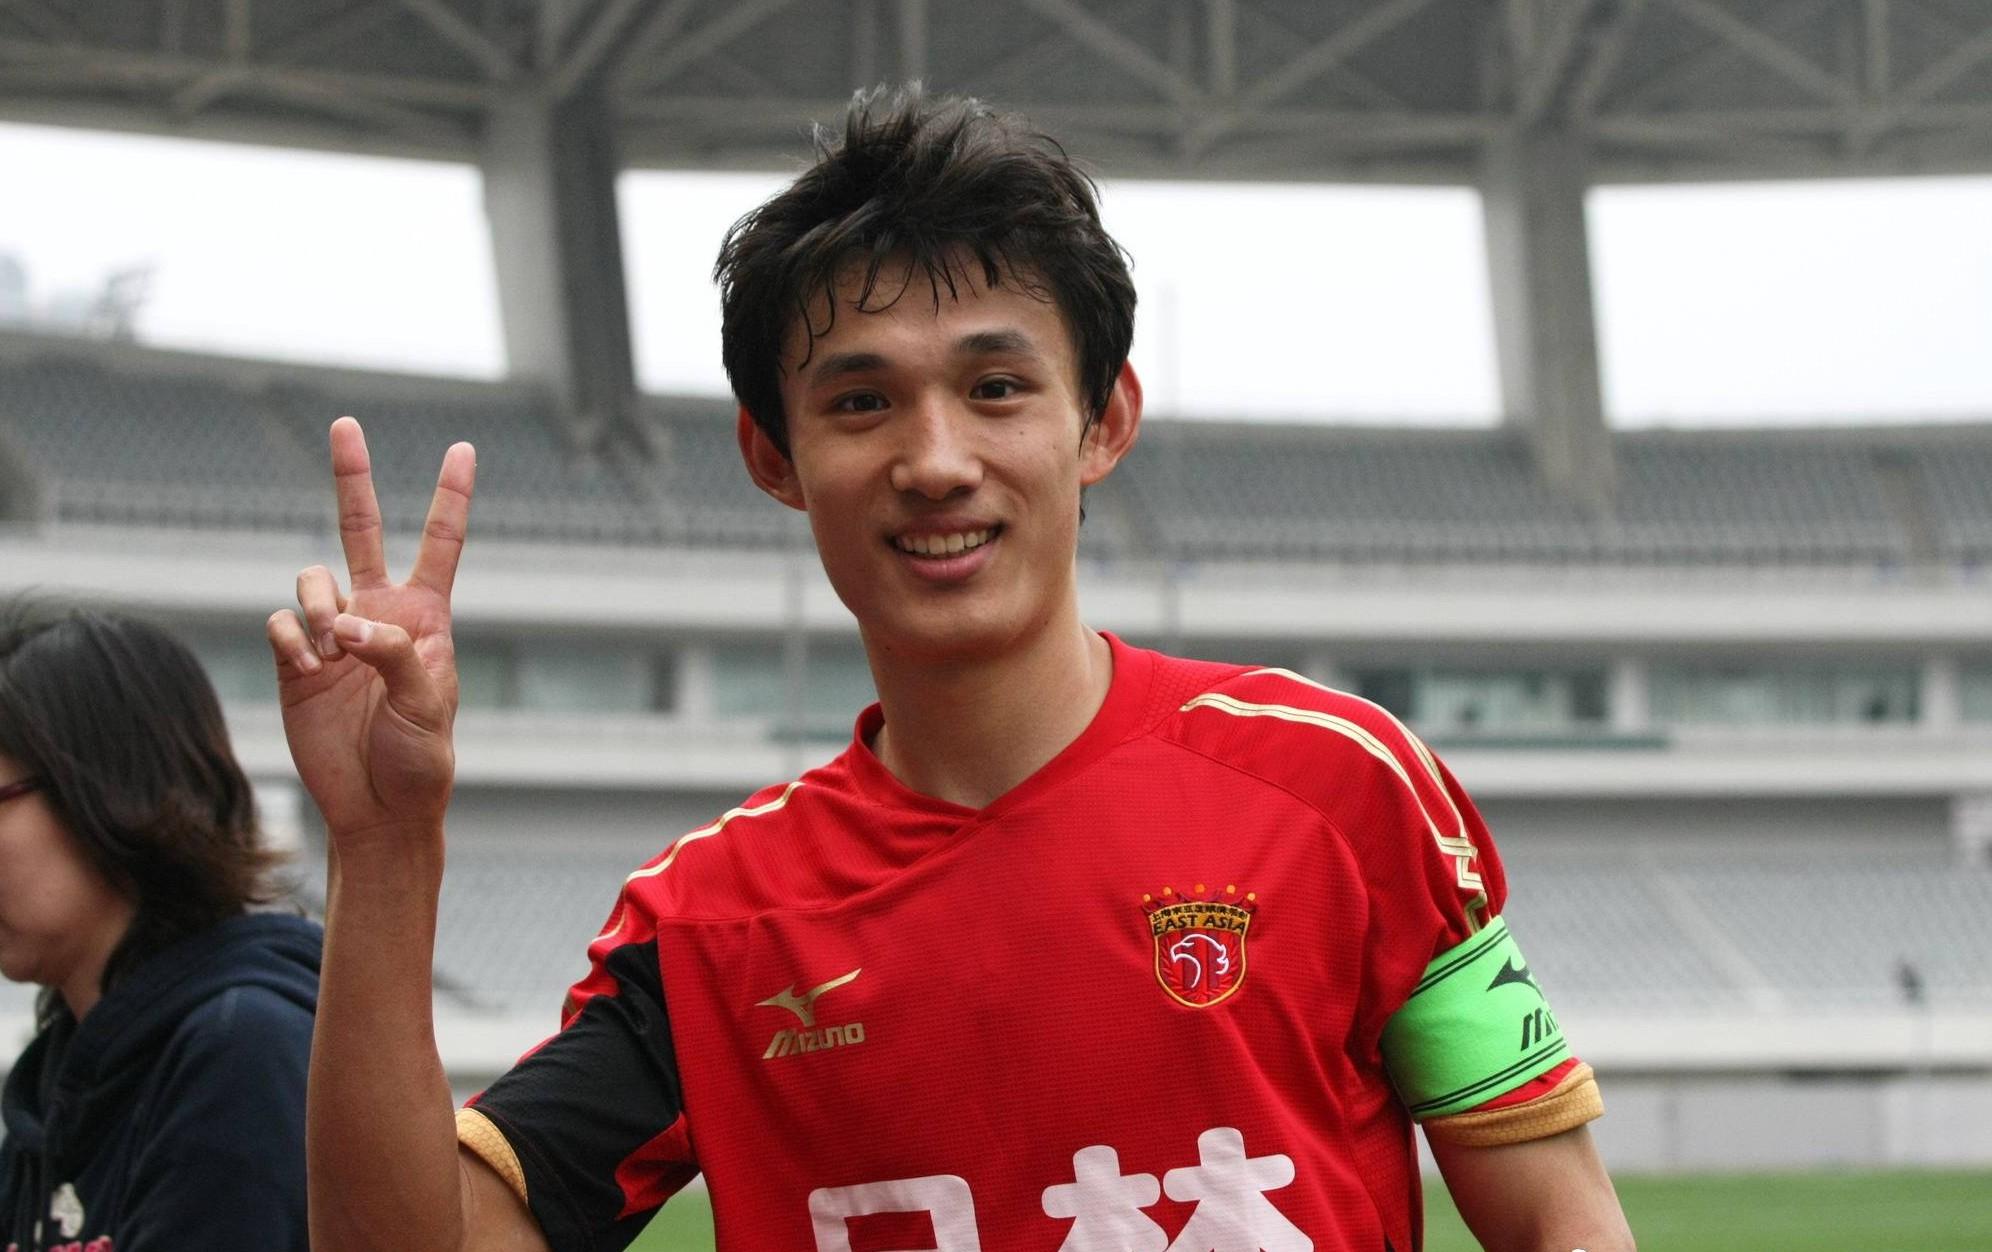 王燊超:武磊可能破中超单赛季28球纪录;希望在